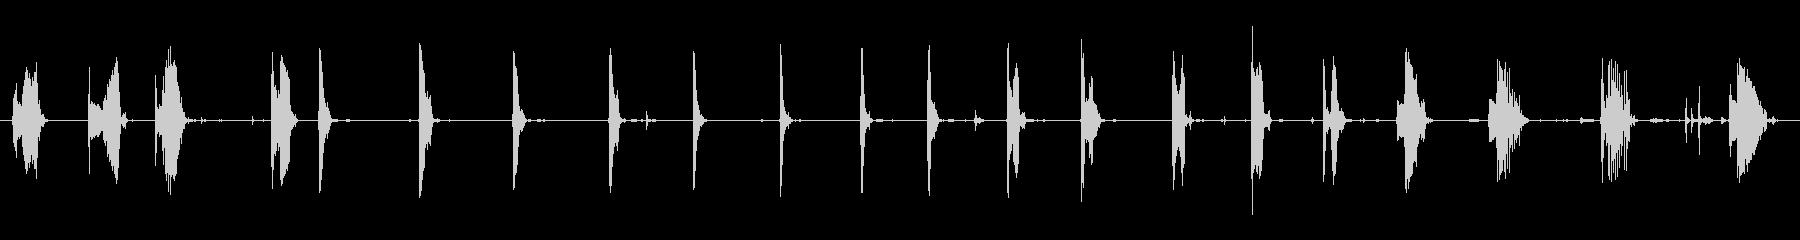 ルーラートゥワング、さまざまな長さ...の未再生の波形